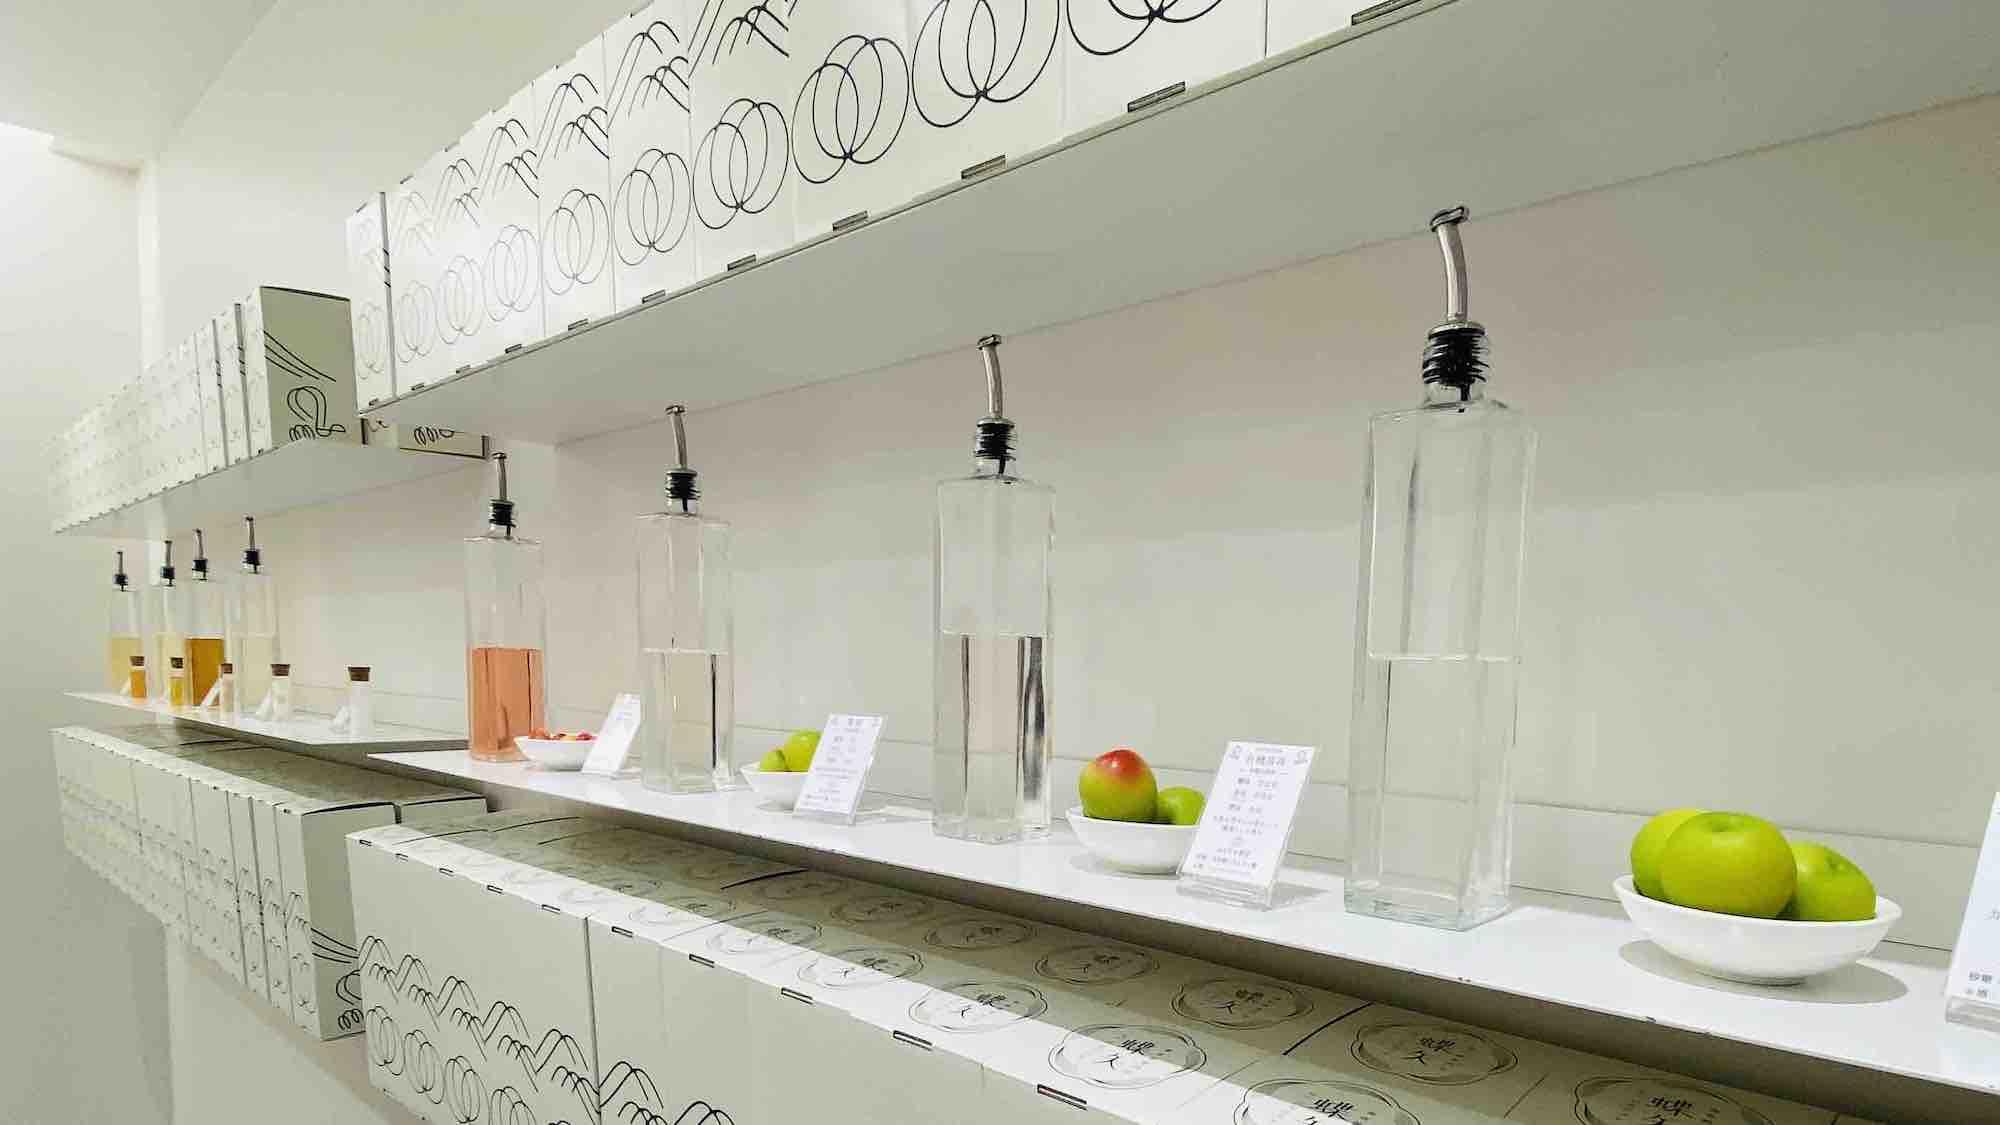 京都にある梅酒体験施設「蝶矢」の店舗写真内装ディスプレイ